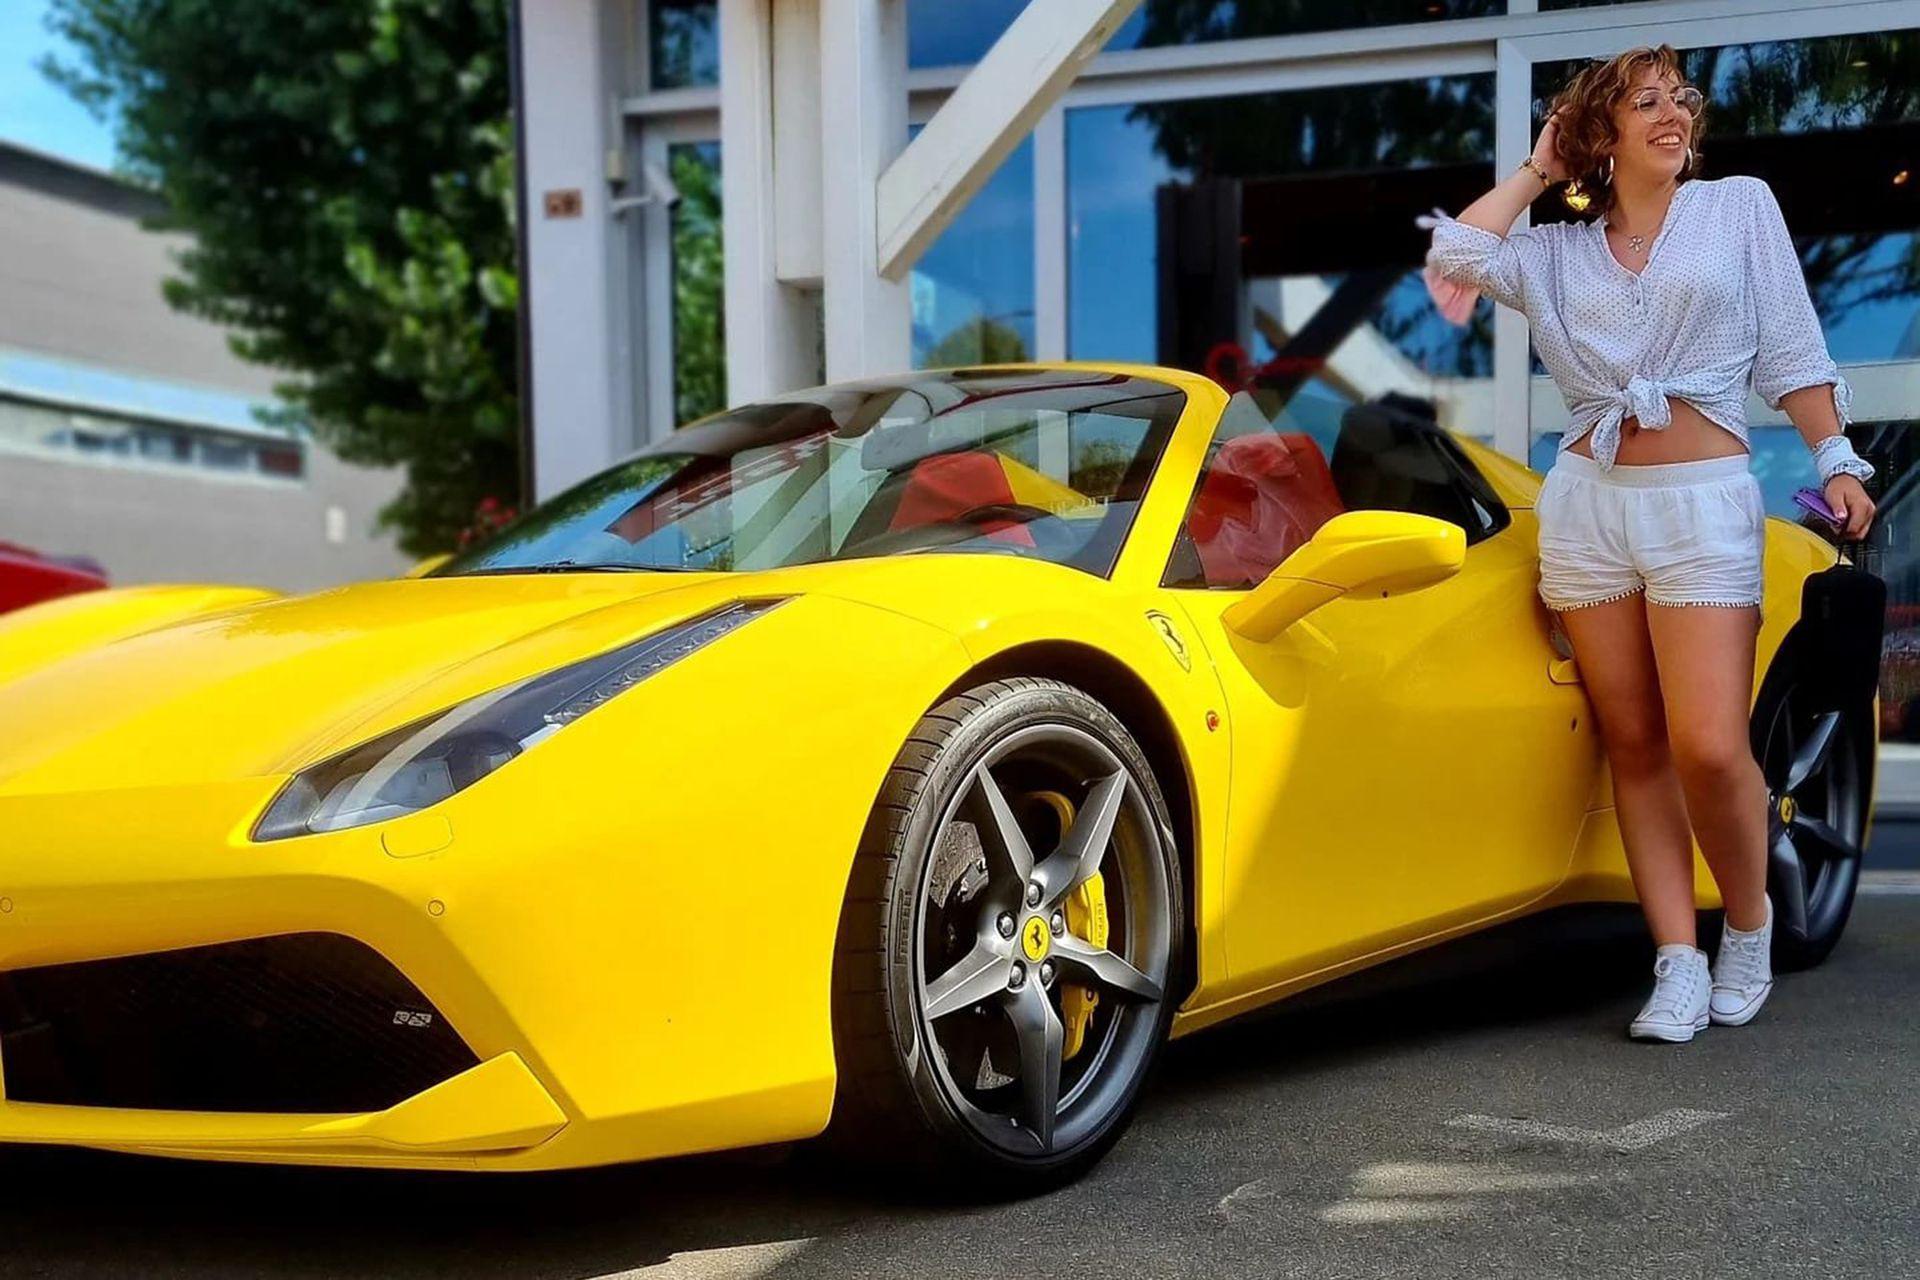 Con una Ferrari en la ciudad de Maranello, lugar al que se mudó para cumplir su sueño